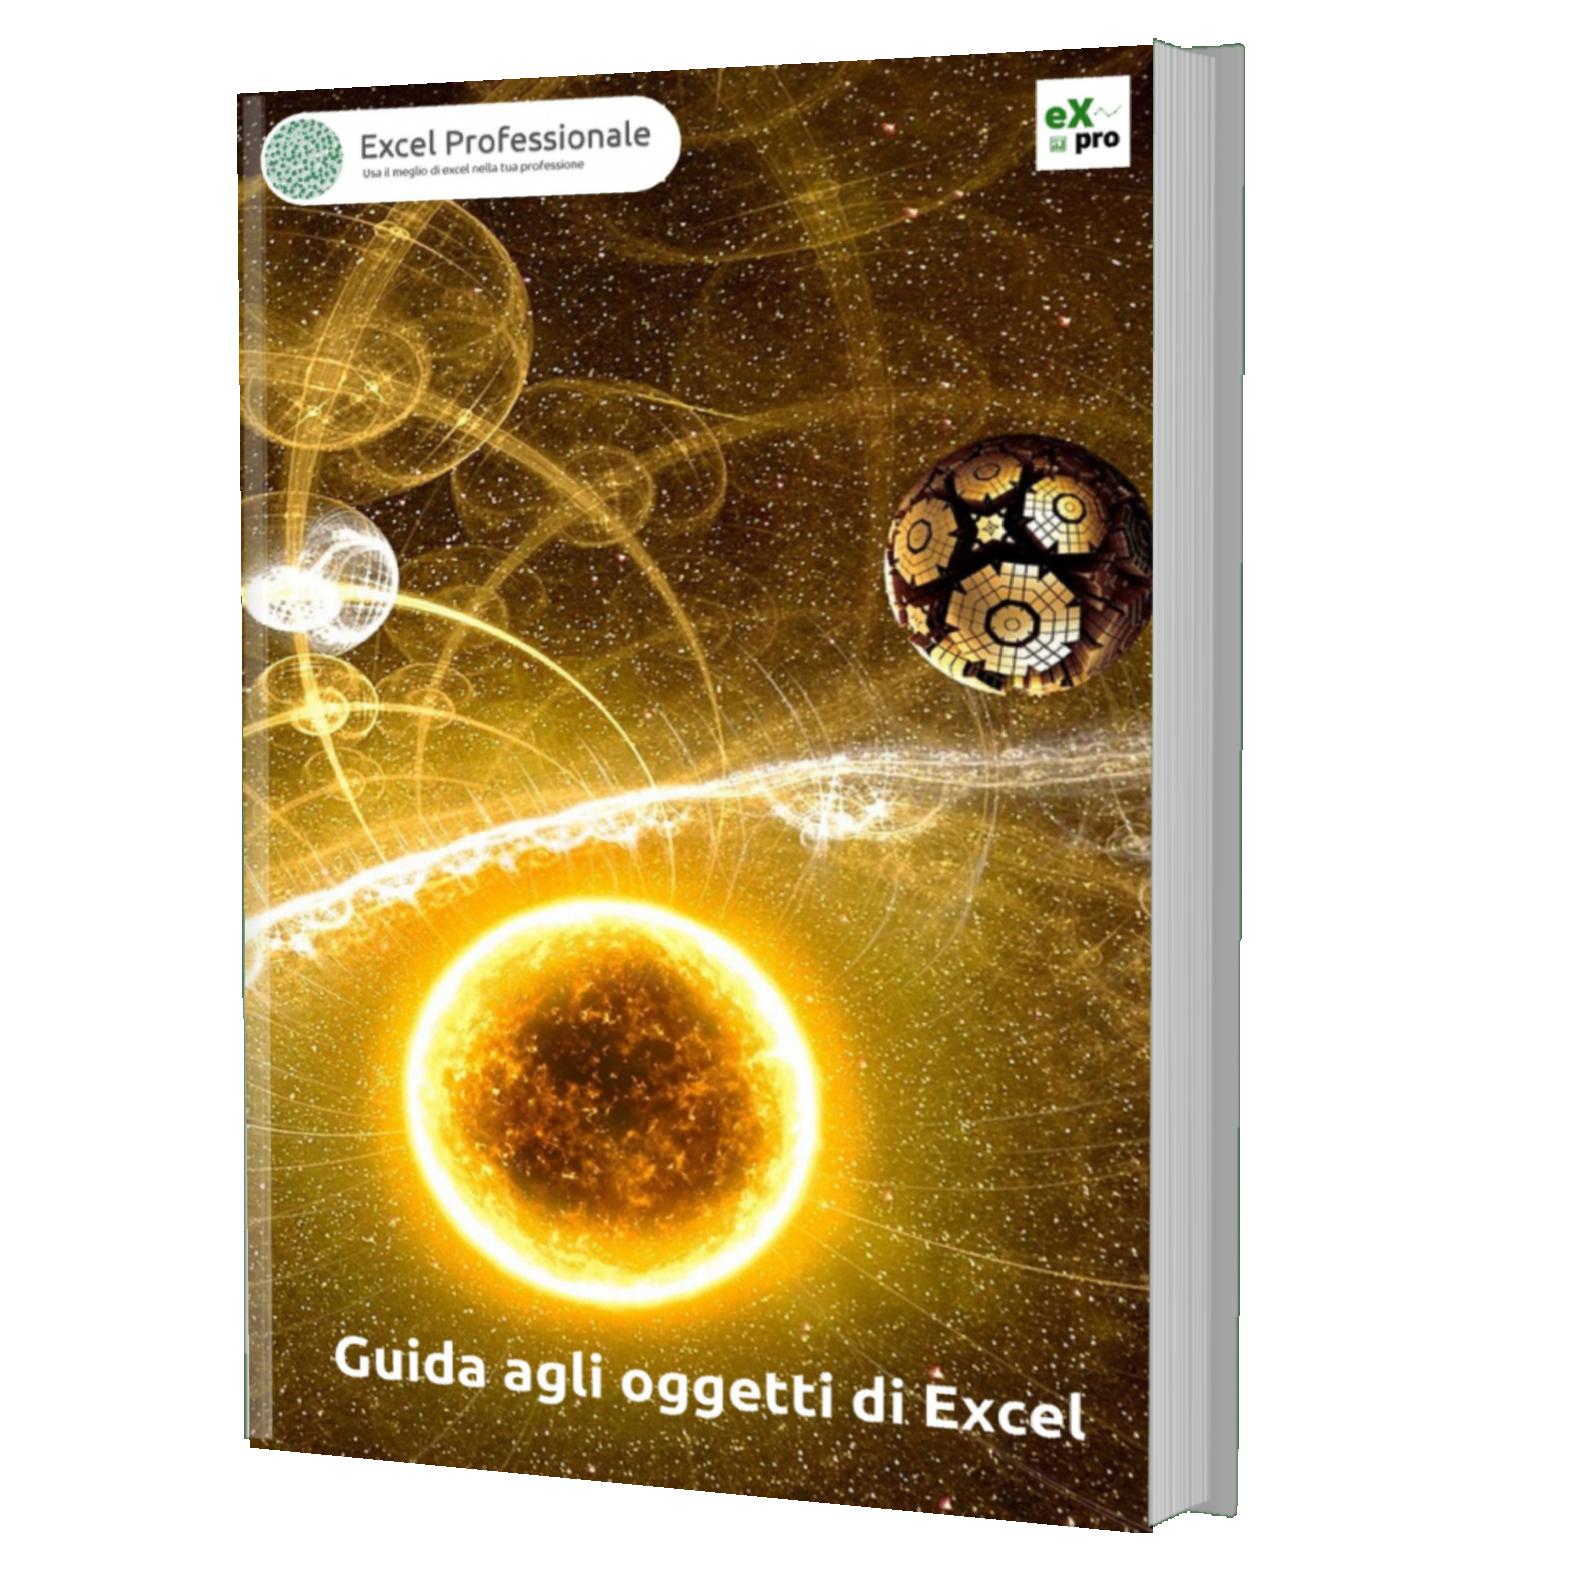 Guida agli oggetti di Excel nel vba